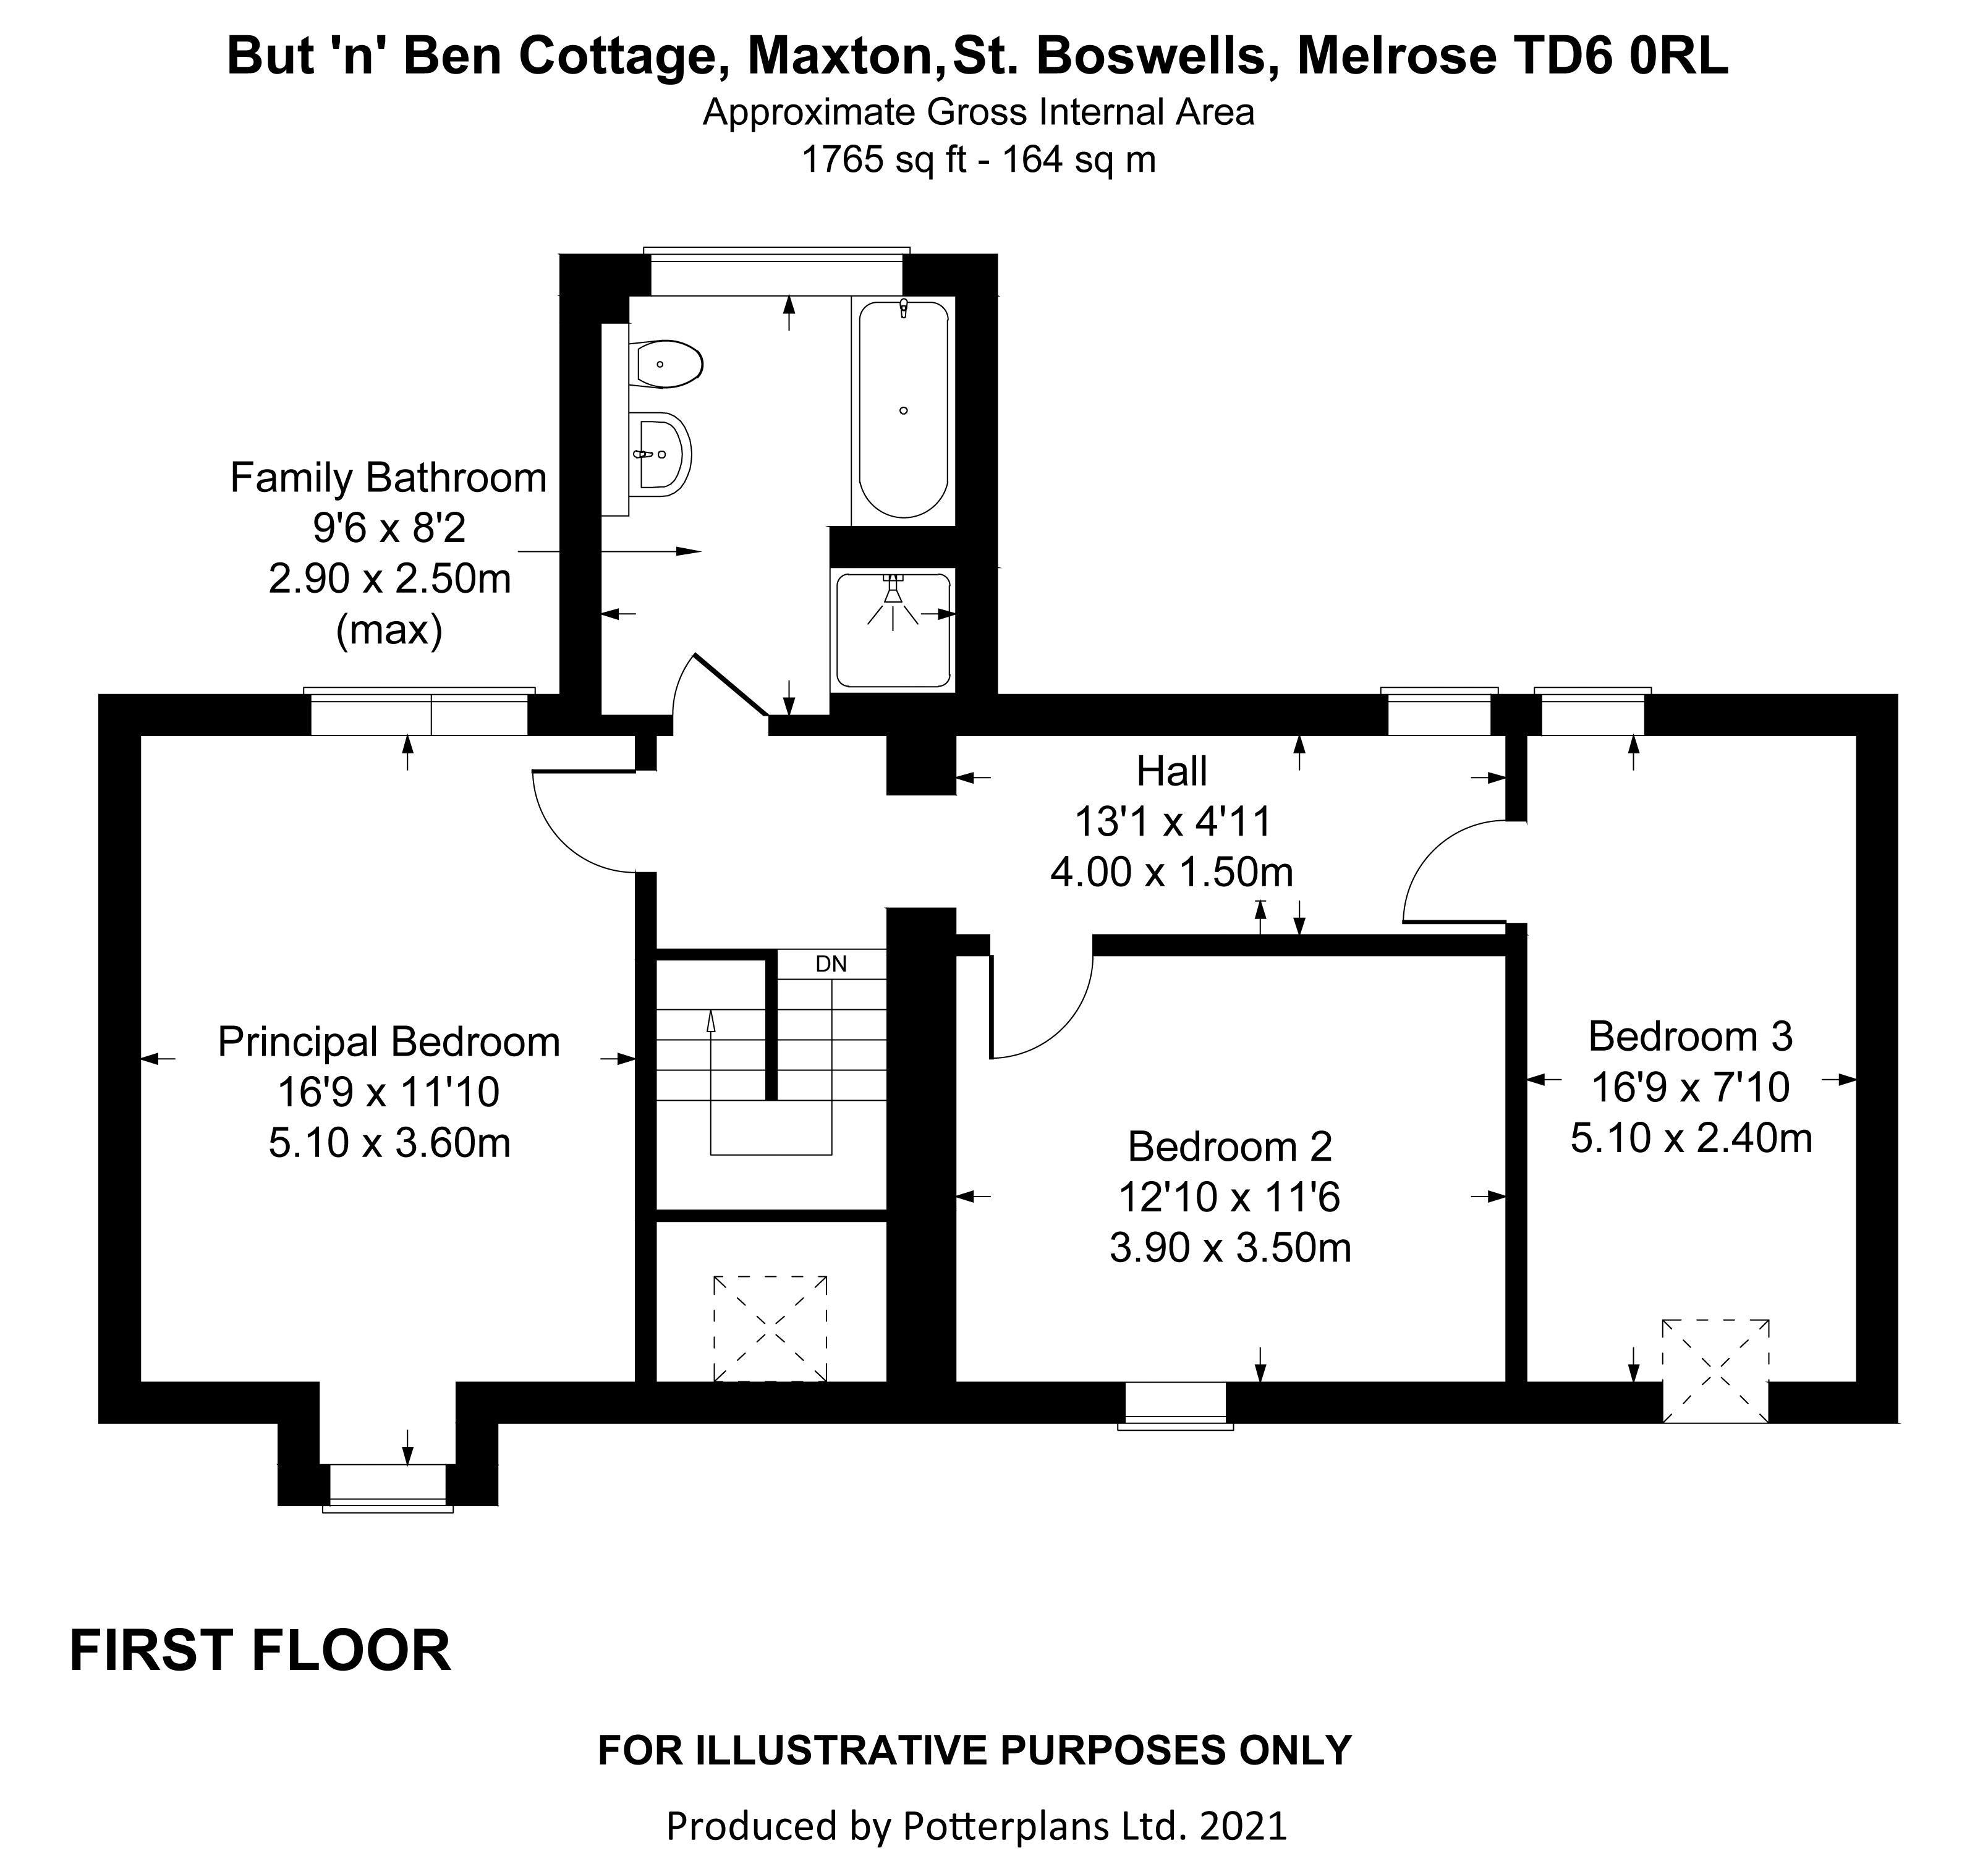 But 'n' Ben Cottage First Floor